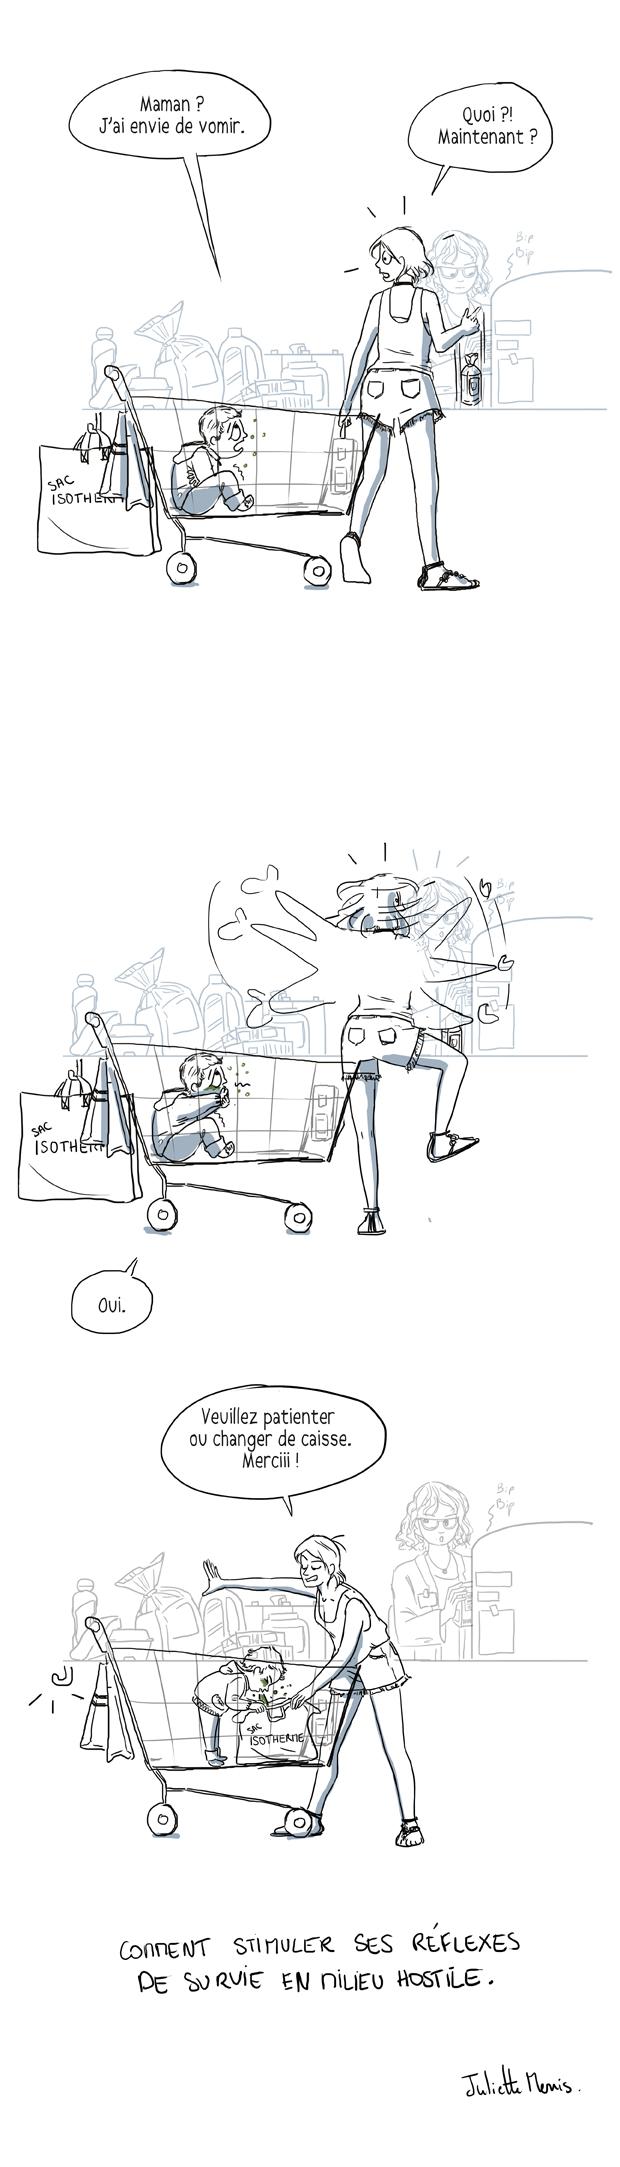 enfant malade au supermarché